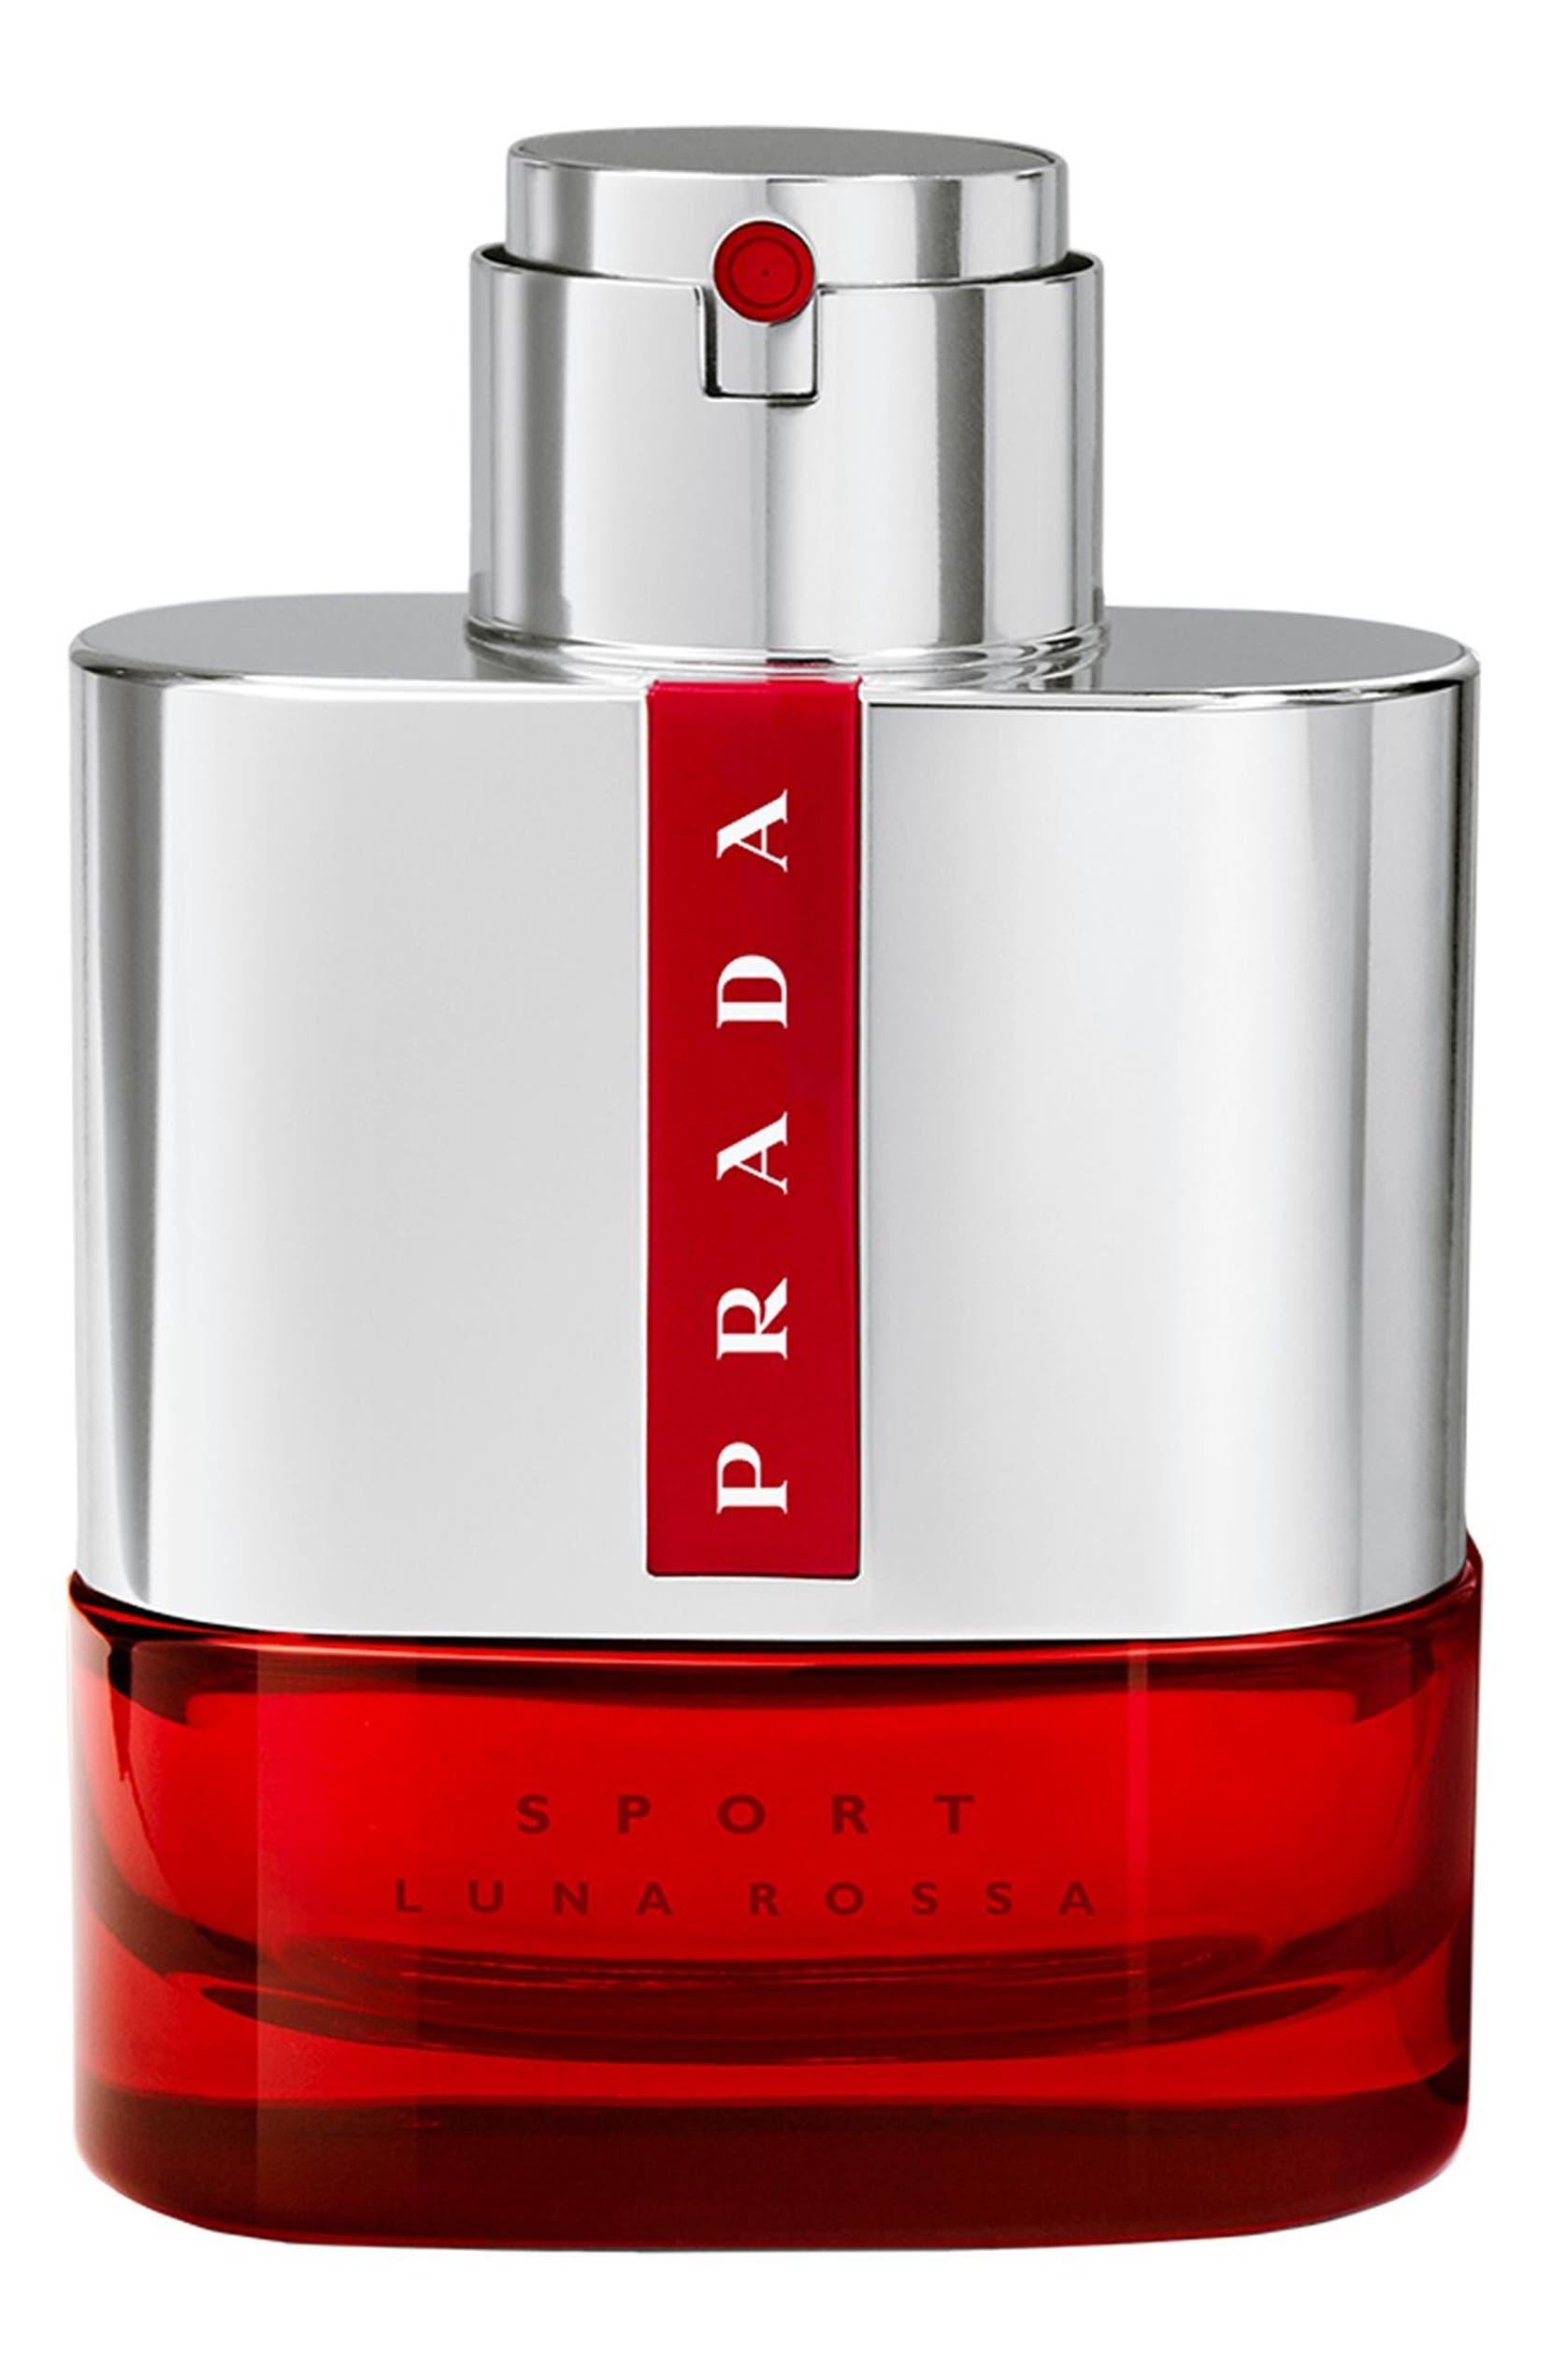 5e98e5c08ddf Prada Luna Rossa Sport Fragrance   Nordstrom